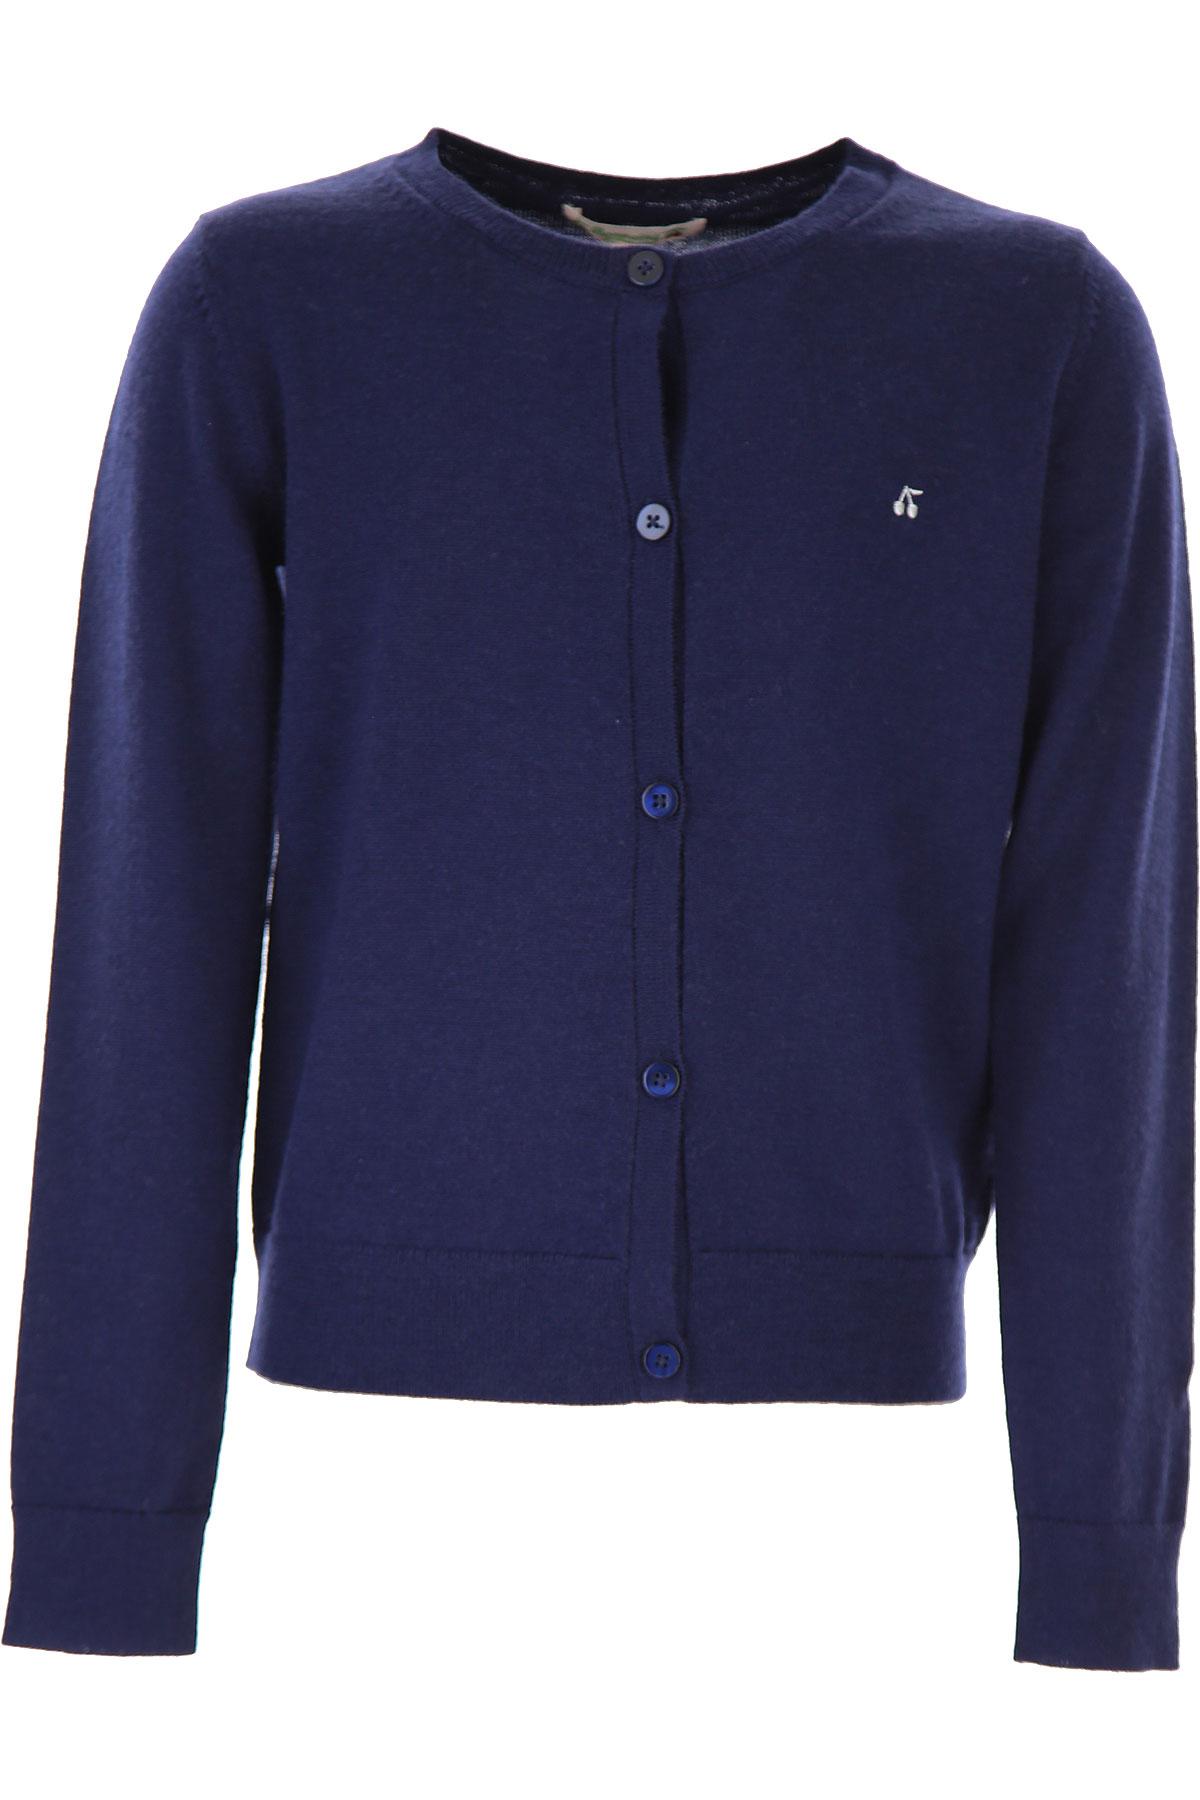 Bonpoint Kids Sweaters for Girls On Sale, Blue, Wool, 2019, 10Y 12Y 14Y 4Y 6Y 8Y